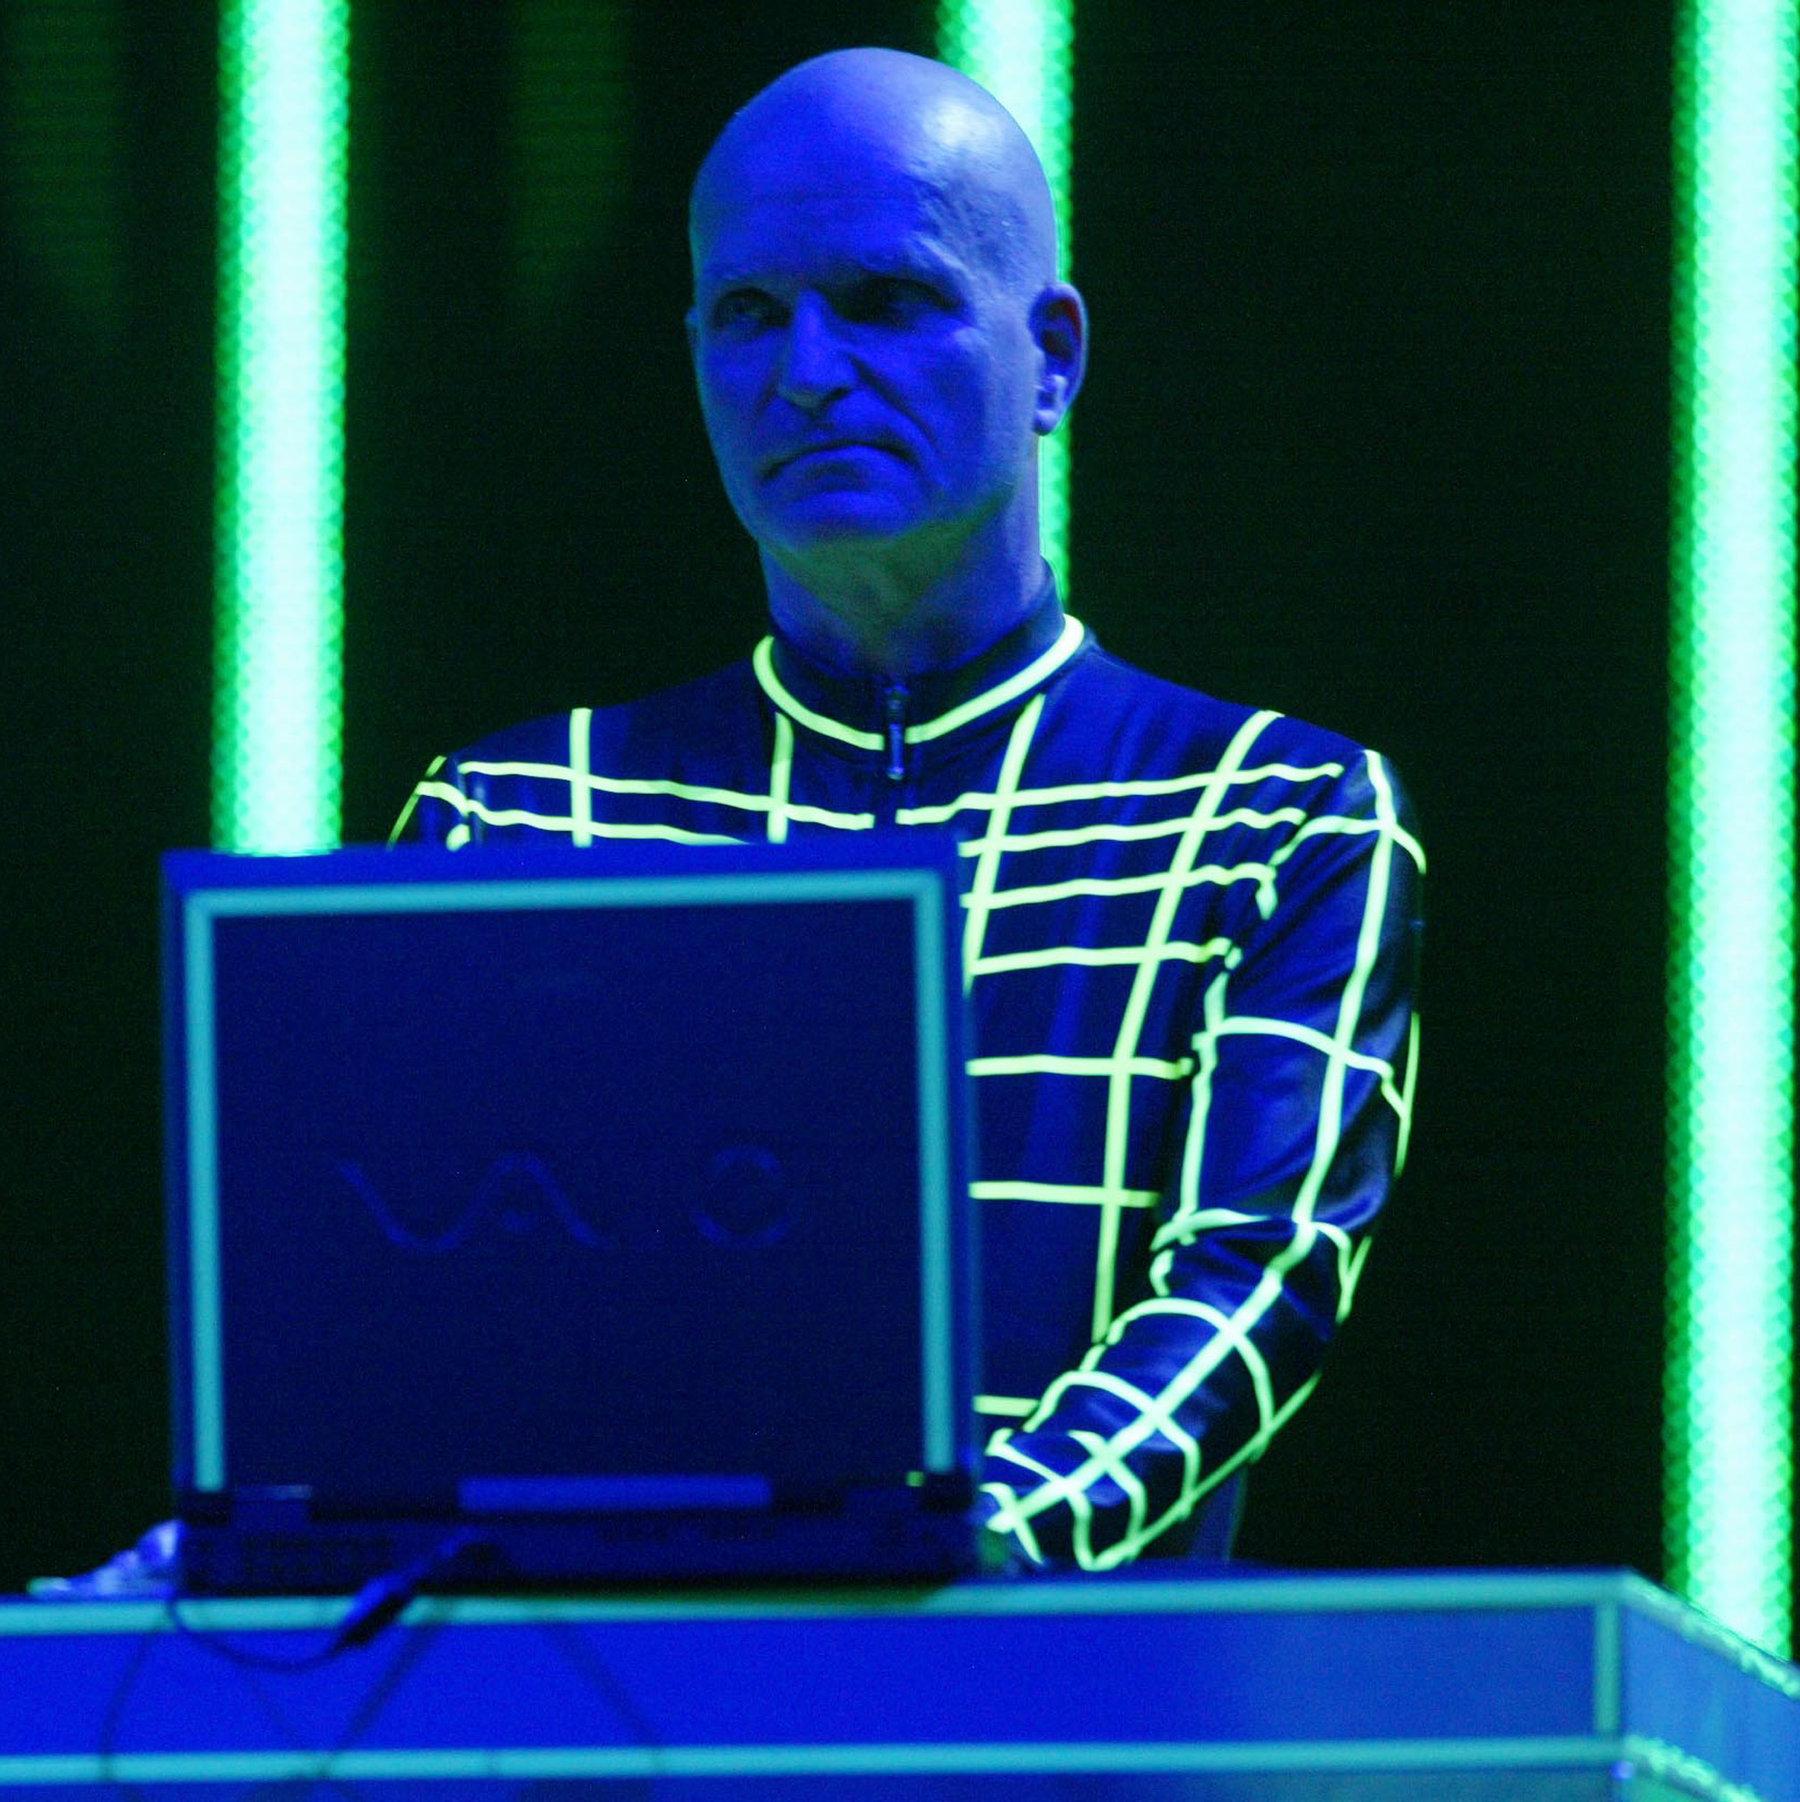 Florian Schneider, co-fundador de Kraftwerk y pionero de la música electrónica, fallece a los 73 años